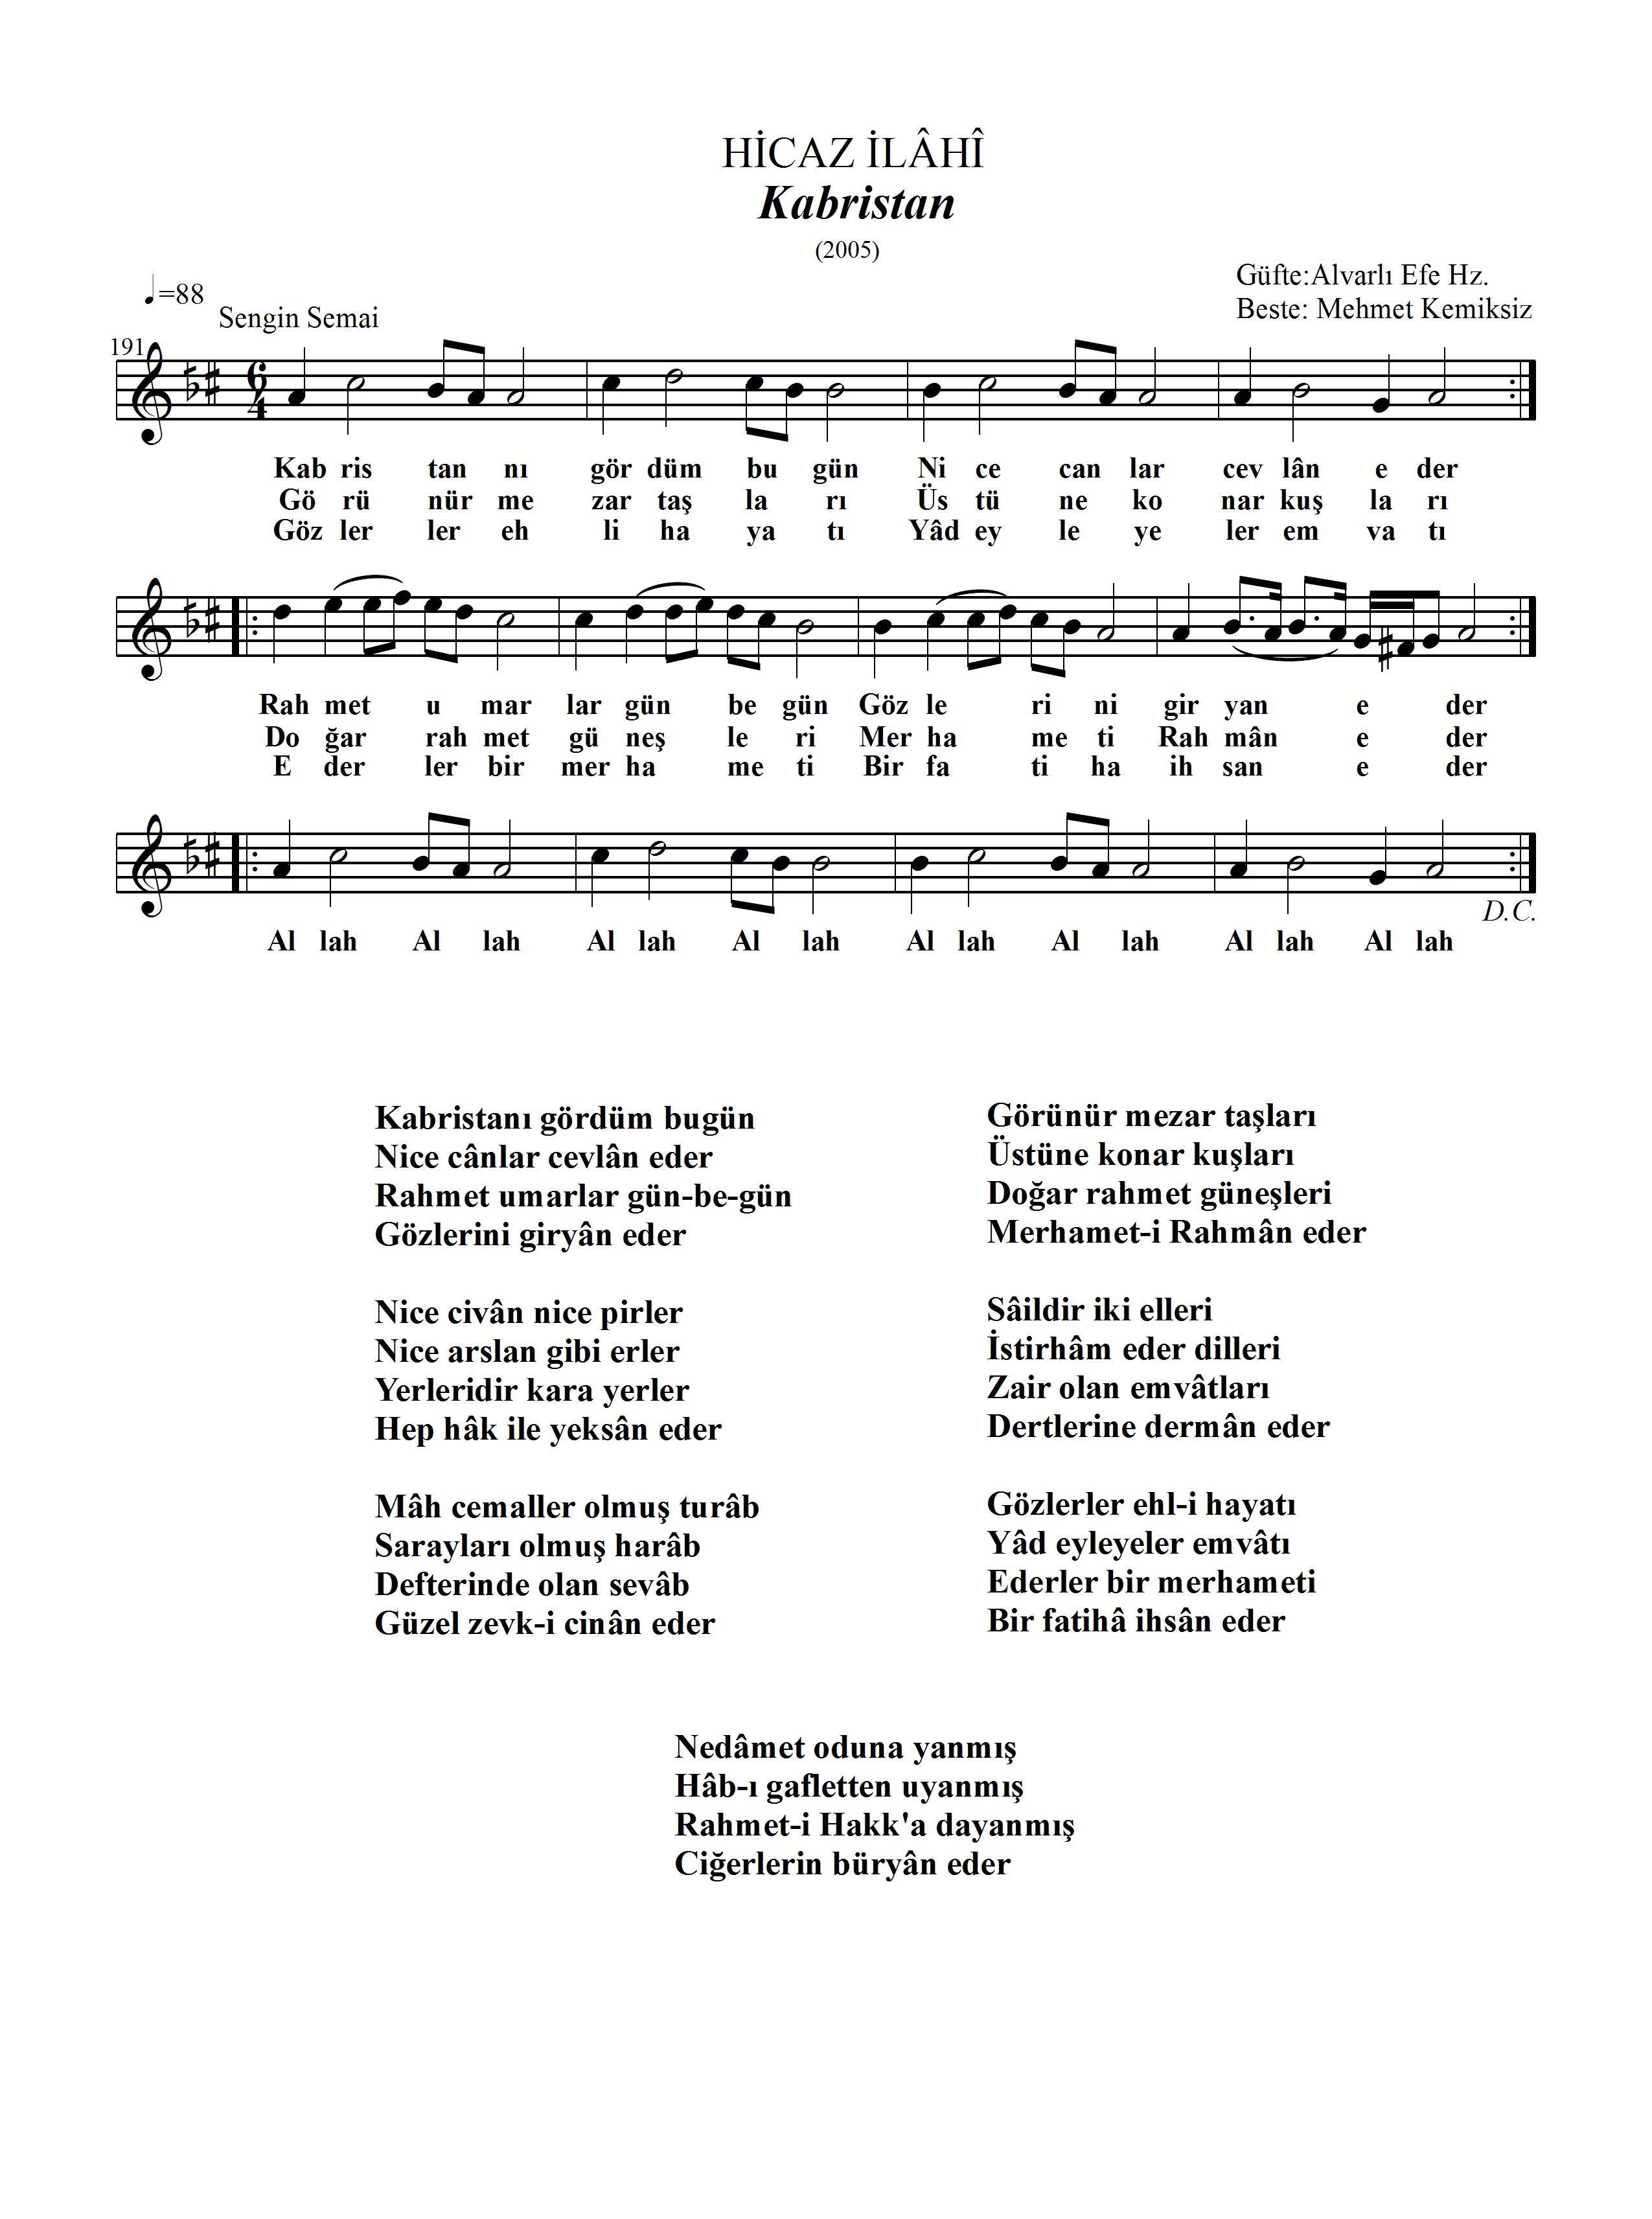 191-Hicaz-Kabristan